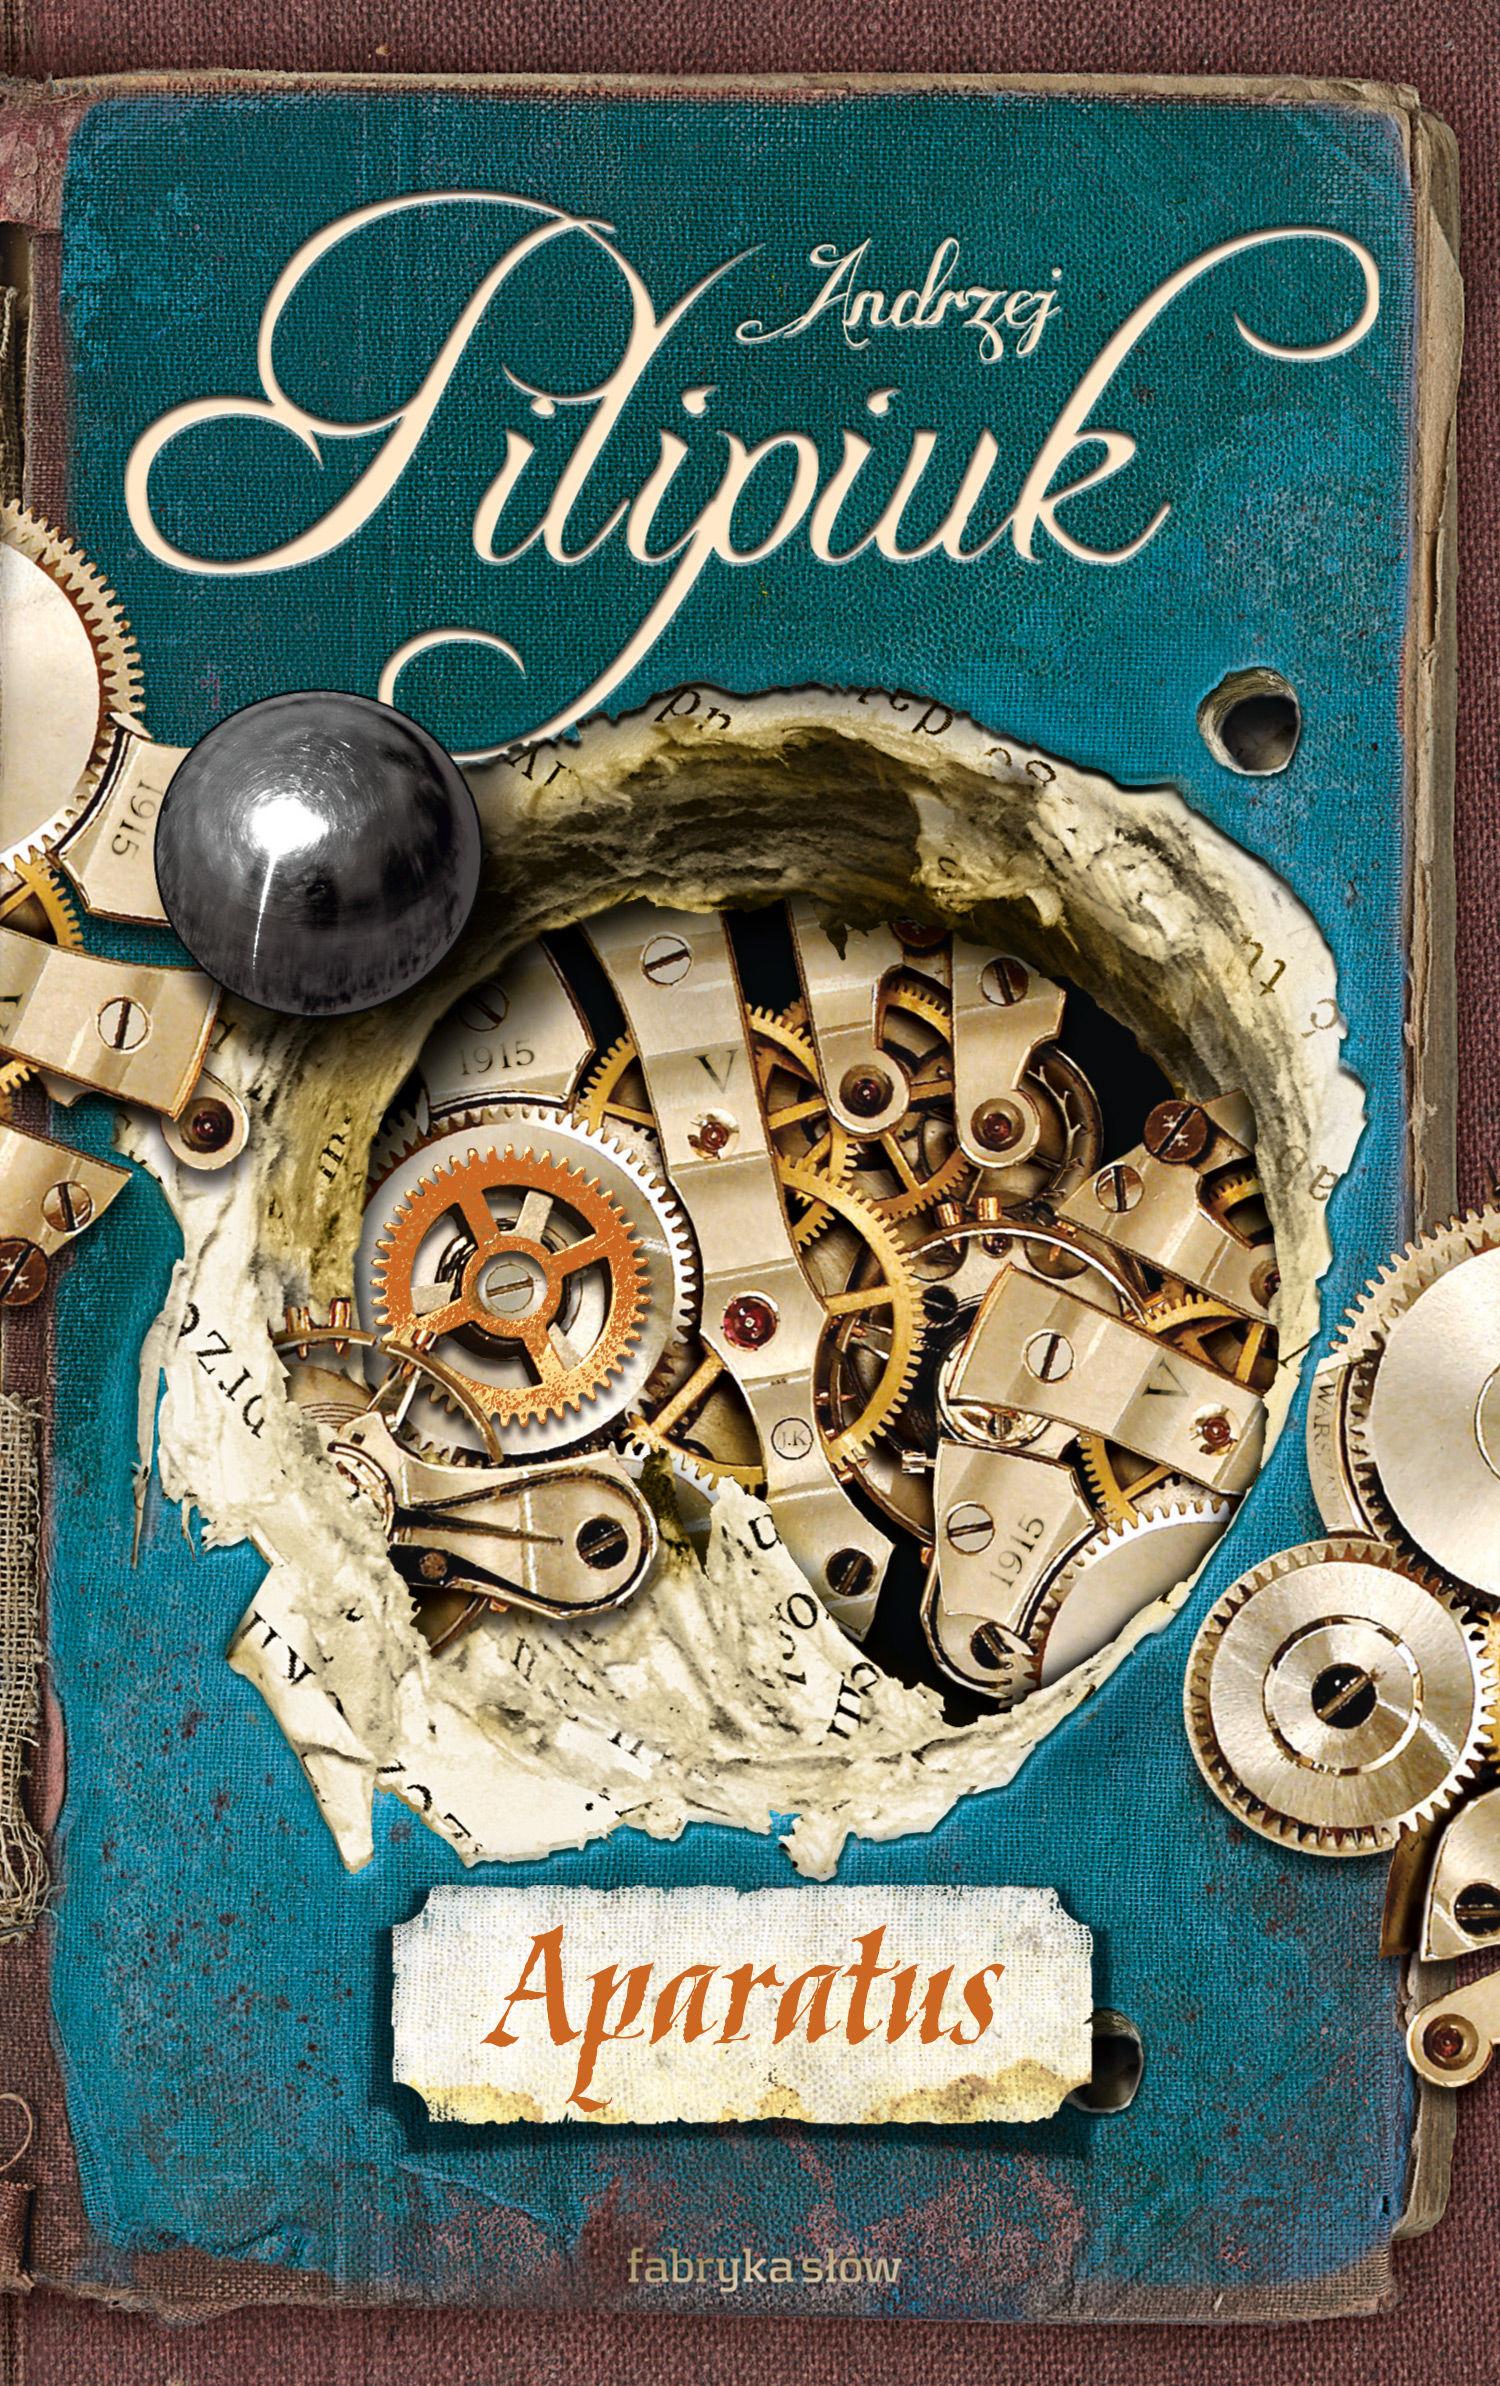 Aparatus - Andrzej Pilipiuk - audiobook